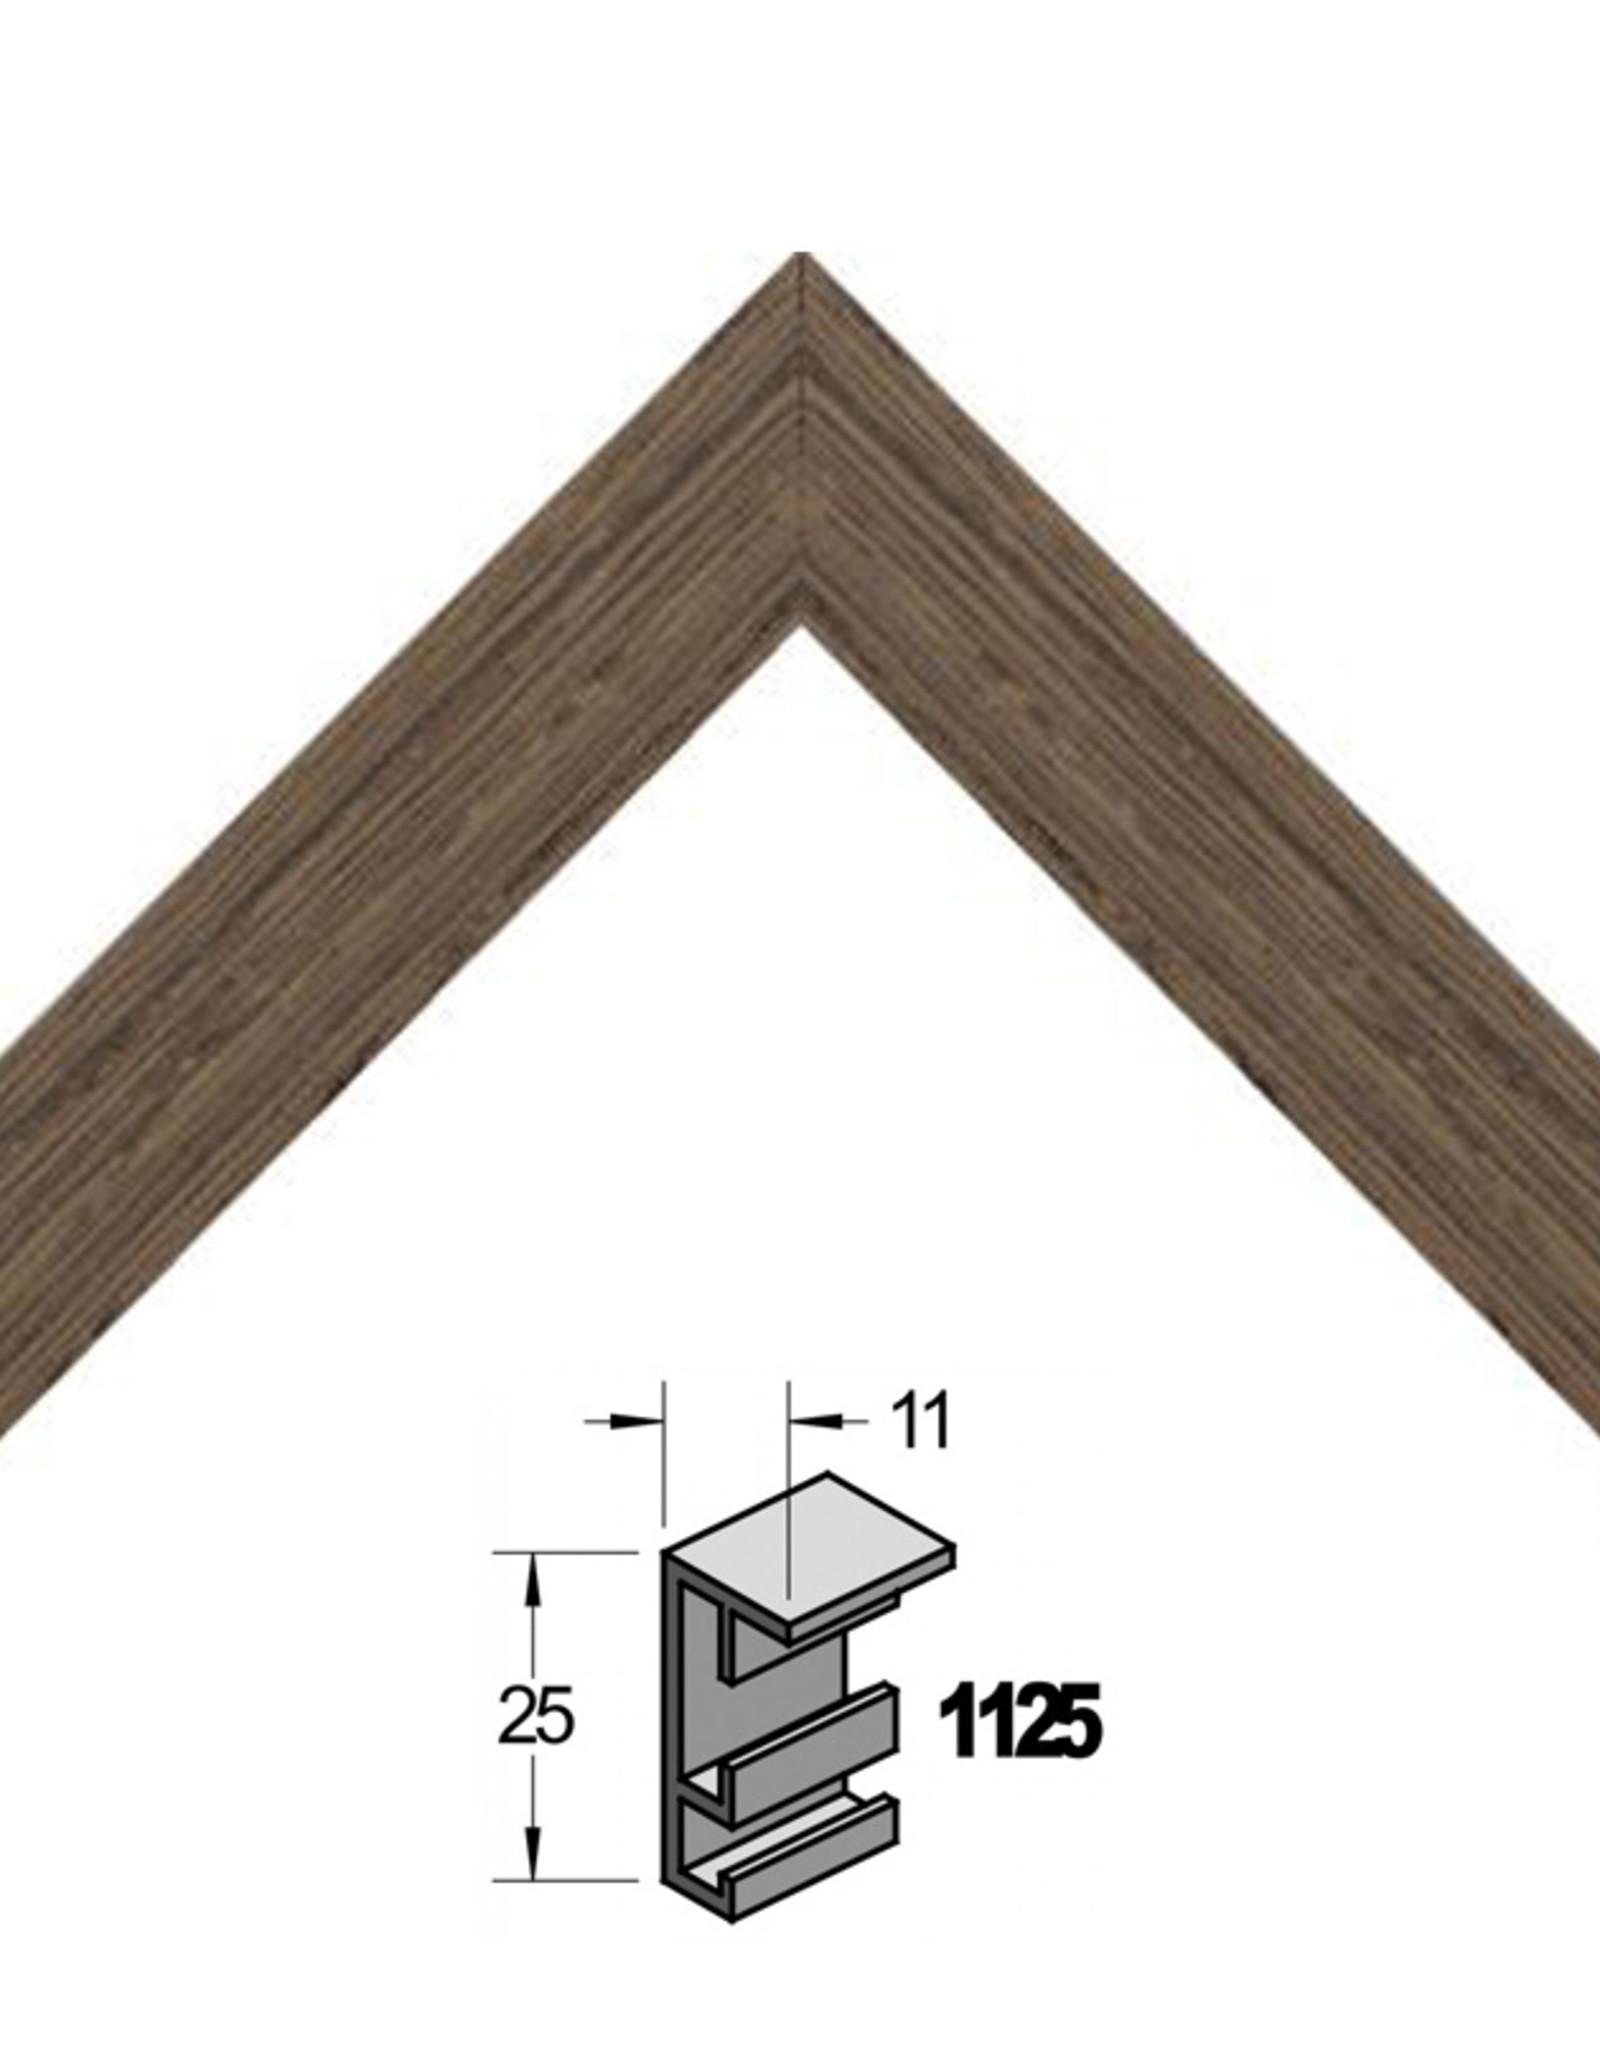 Barth Bekende Barth-standaard. Zeer goede kwaliteit wissellijsten. Eventueel is een sponning/ verdieping toe te voegen. Wenge 11mm aanzicht en 25 mm diepte, met vierpunts ophangsysteem.